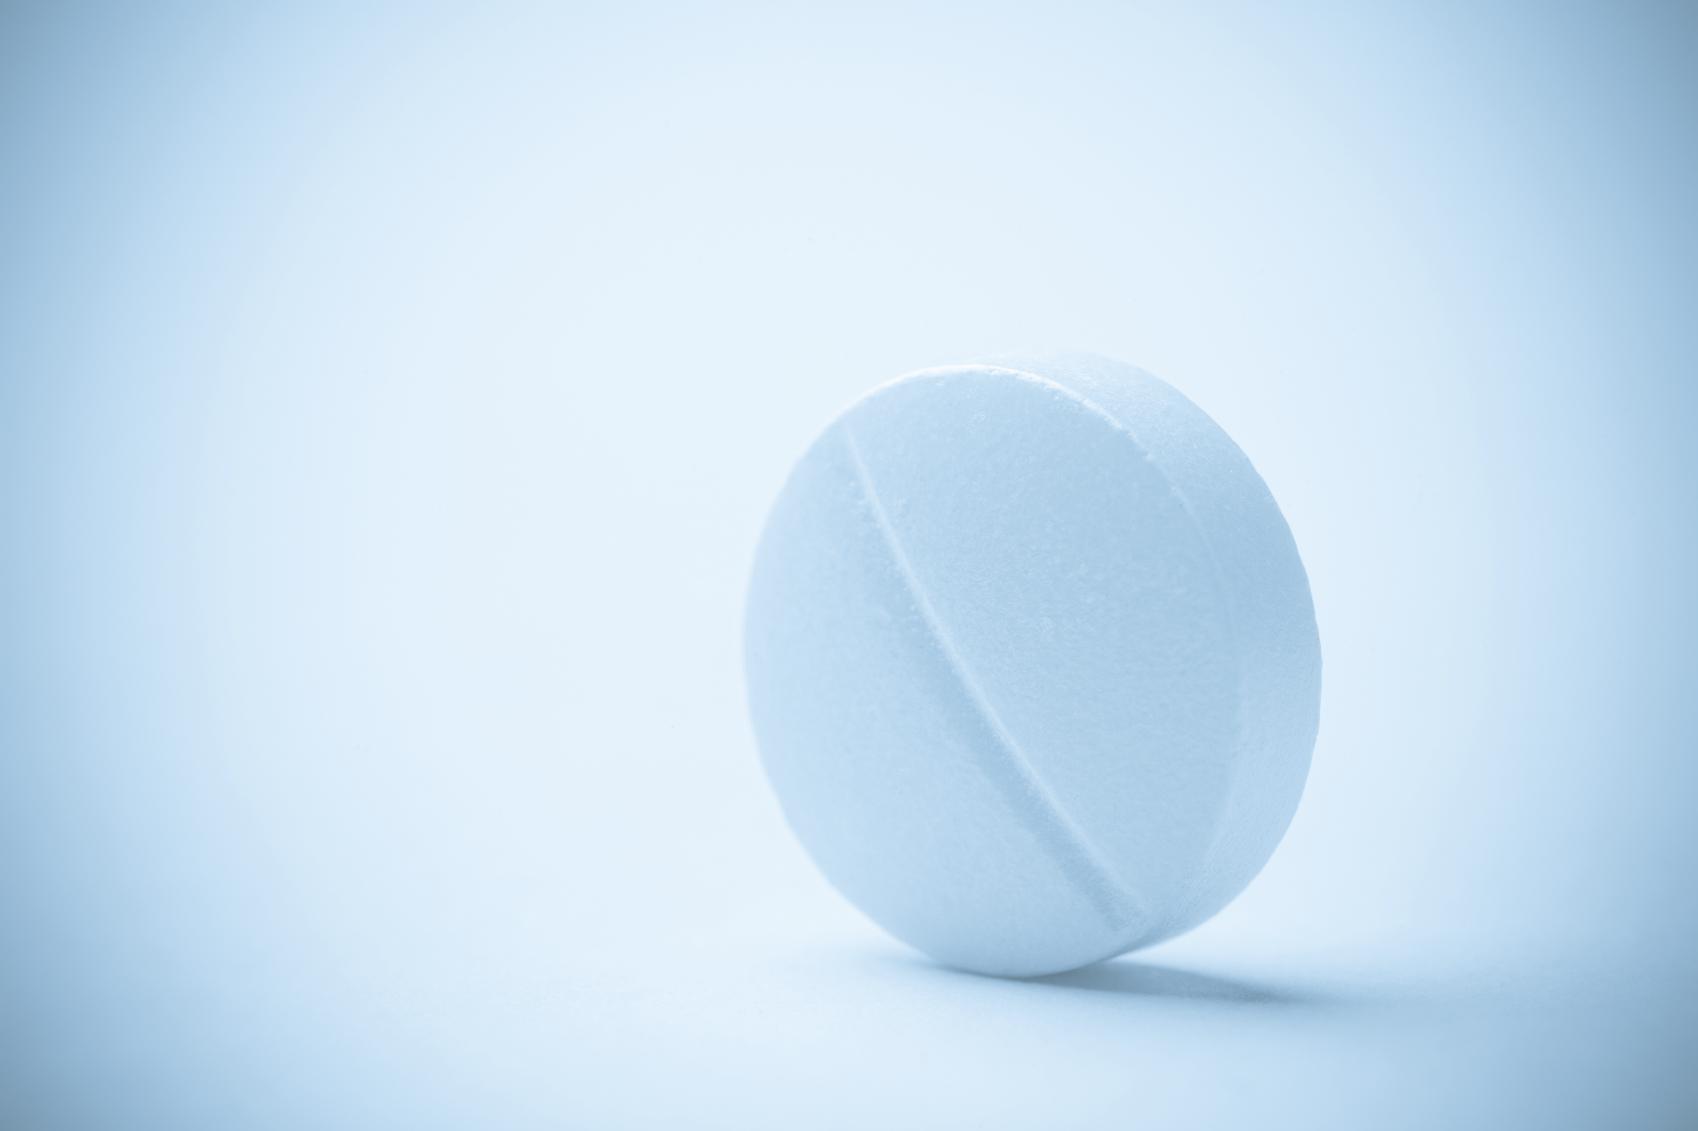 Cómo funciona el Misoprostol y cuáles son sus efectos